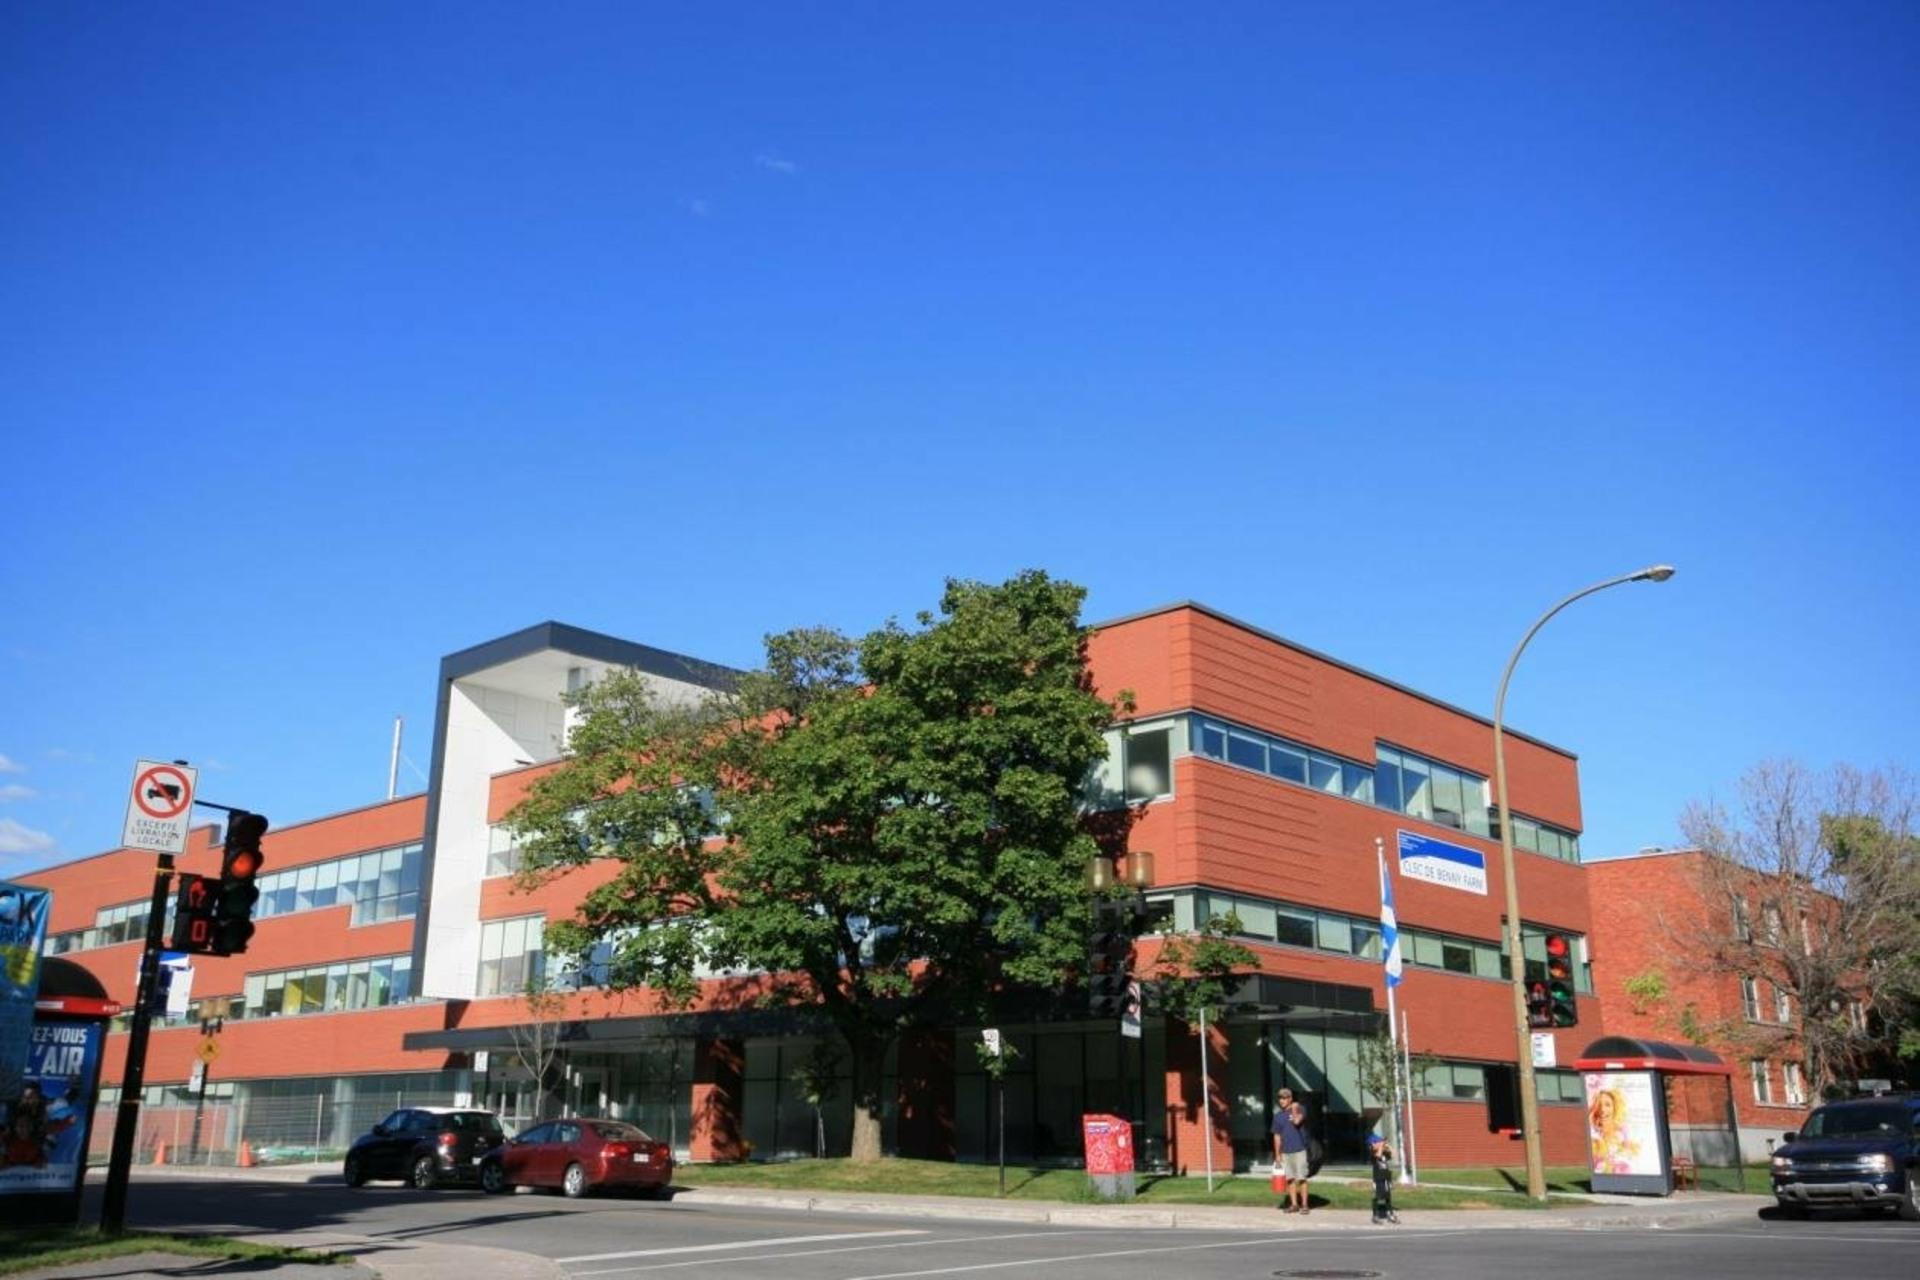 image 39 - Appartement À vendre Côte-des-Neiges/Notre-Dame-de-Grâce Montréal  - 6 pièces